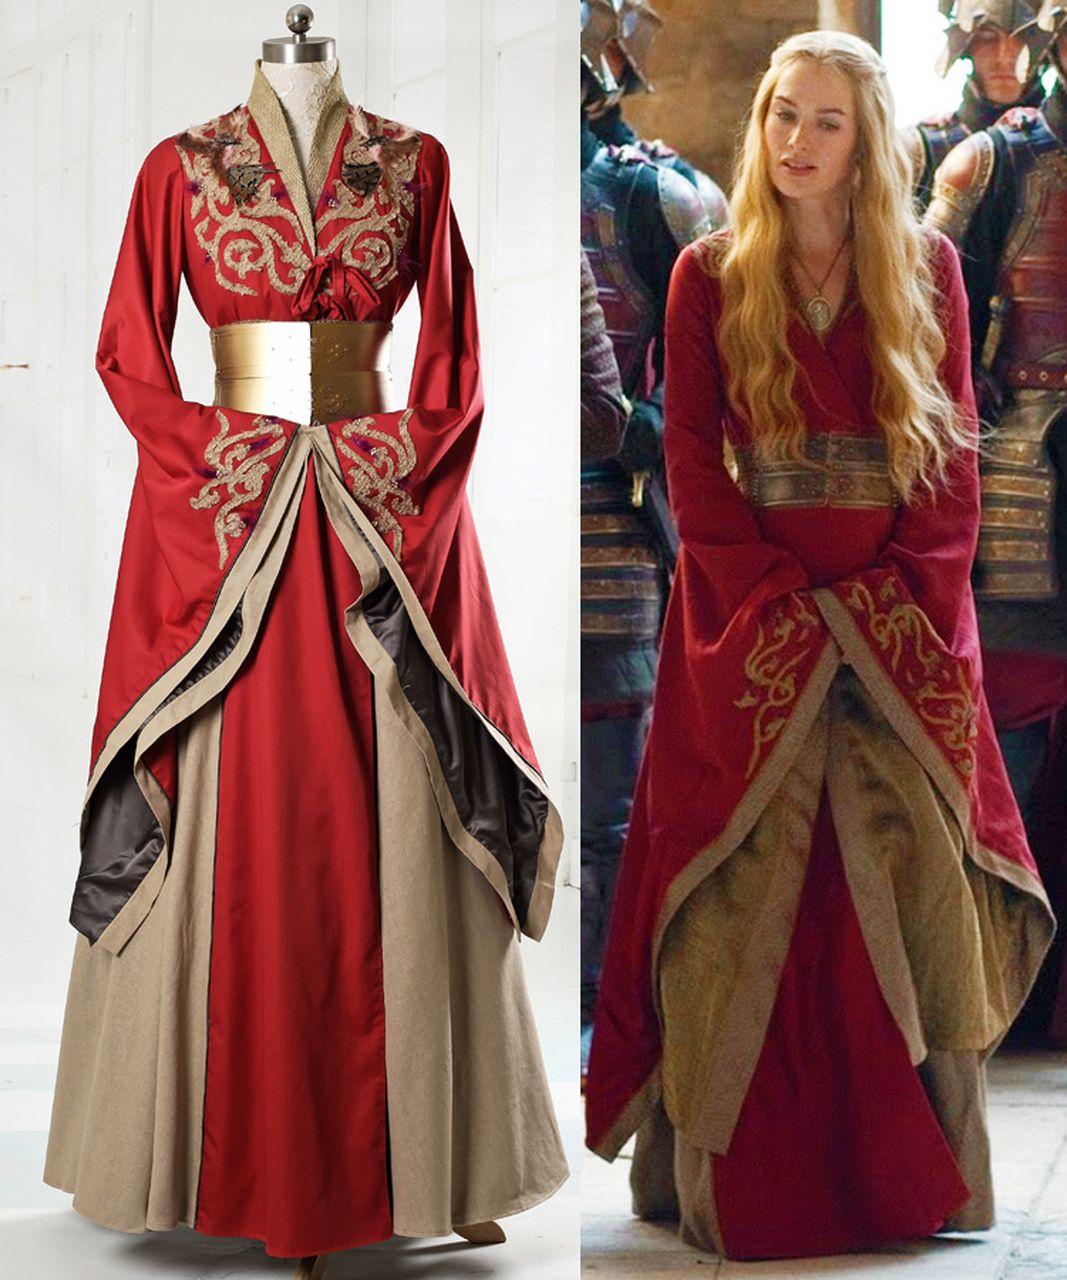 Game of Thrones 7 Queen Cersei Lannister Costume Cosplay Halloween DELUXE Dress